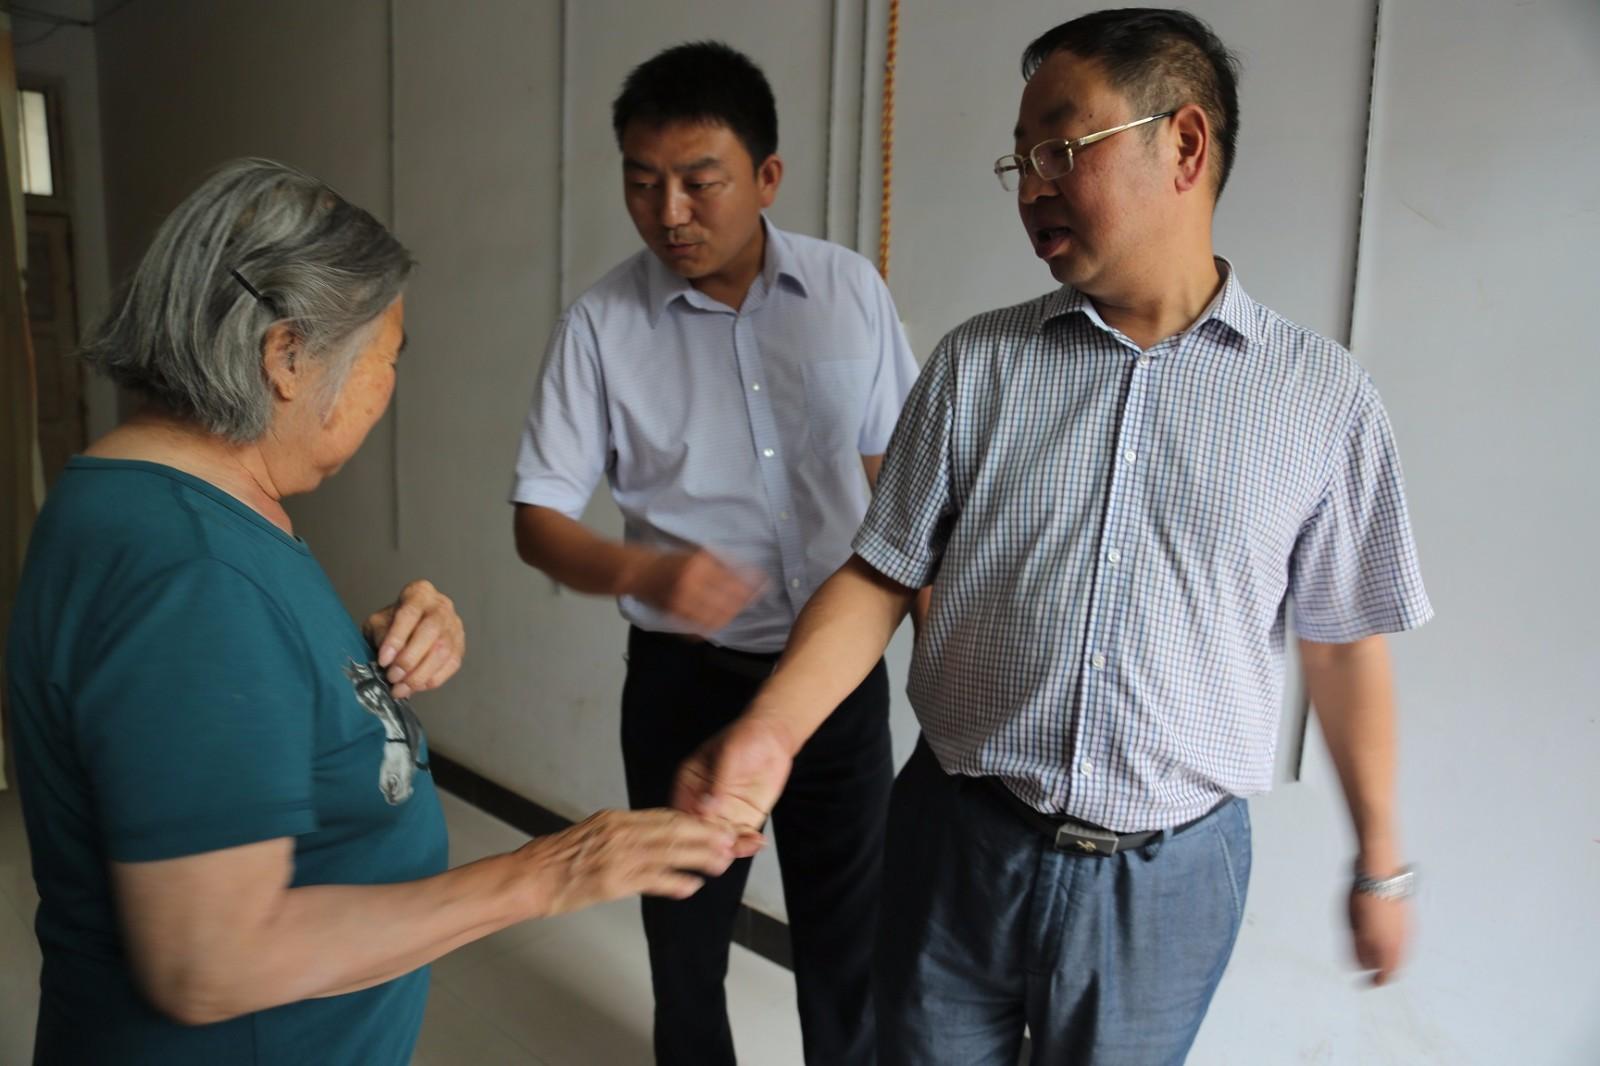 宁强县卫计局、县威廉希尔登录协为失独老人送去关爱-.jpg